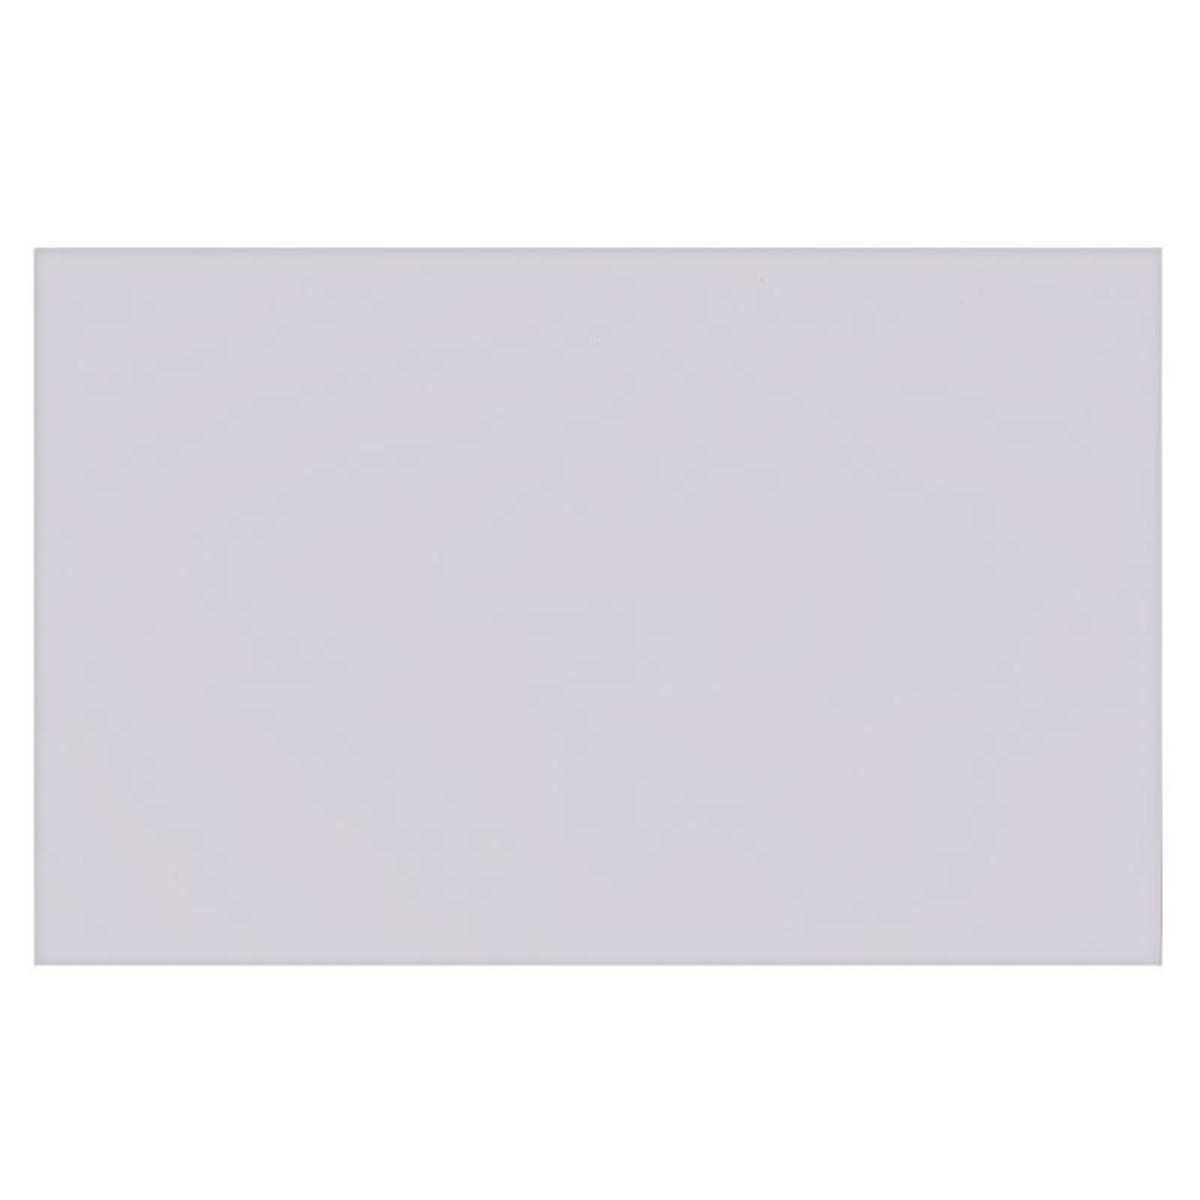 Плитка настенная Атлас 30х20 см 1.2 м2 цвет белый